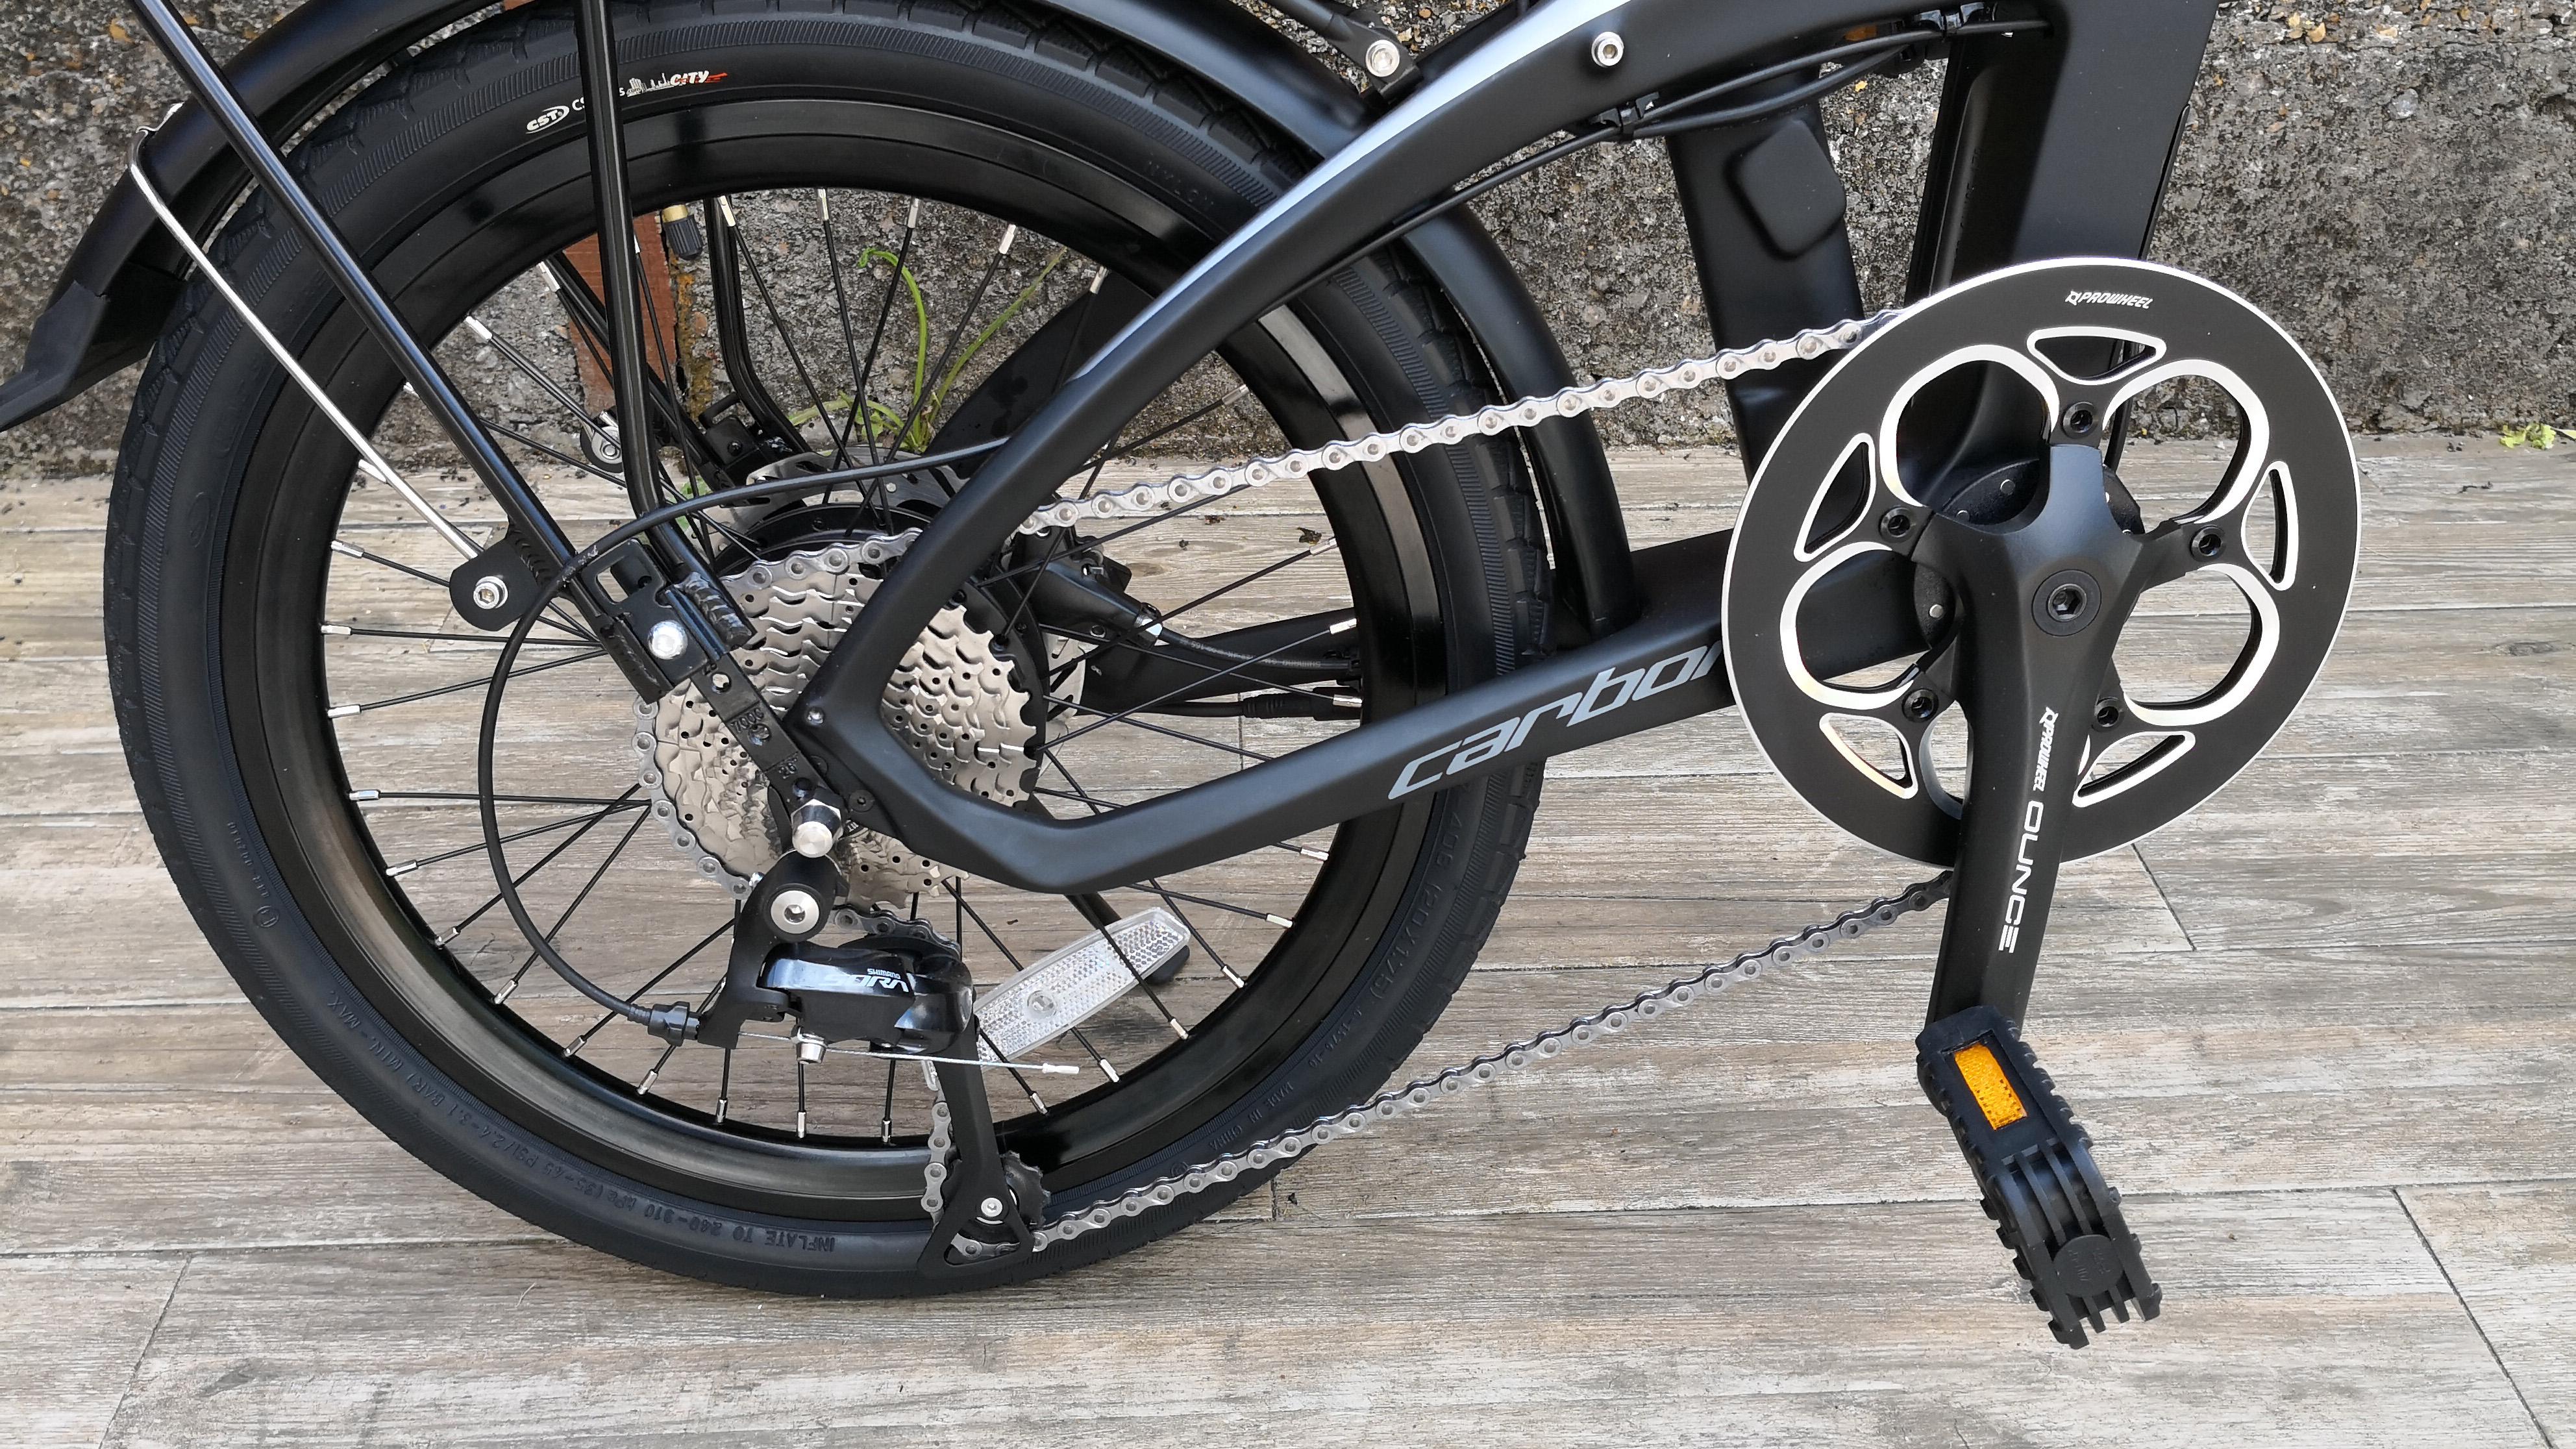 Furo Systems Furo X folding electric bike